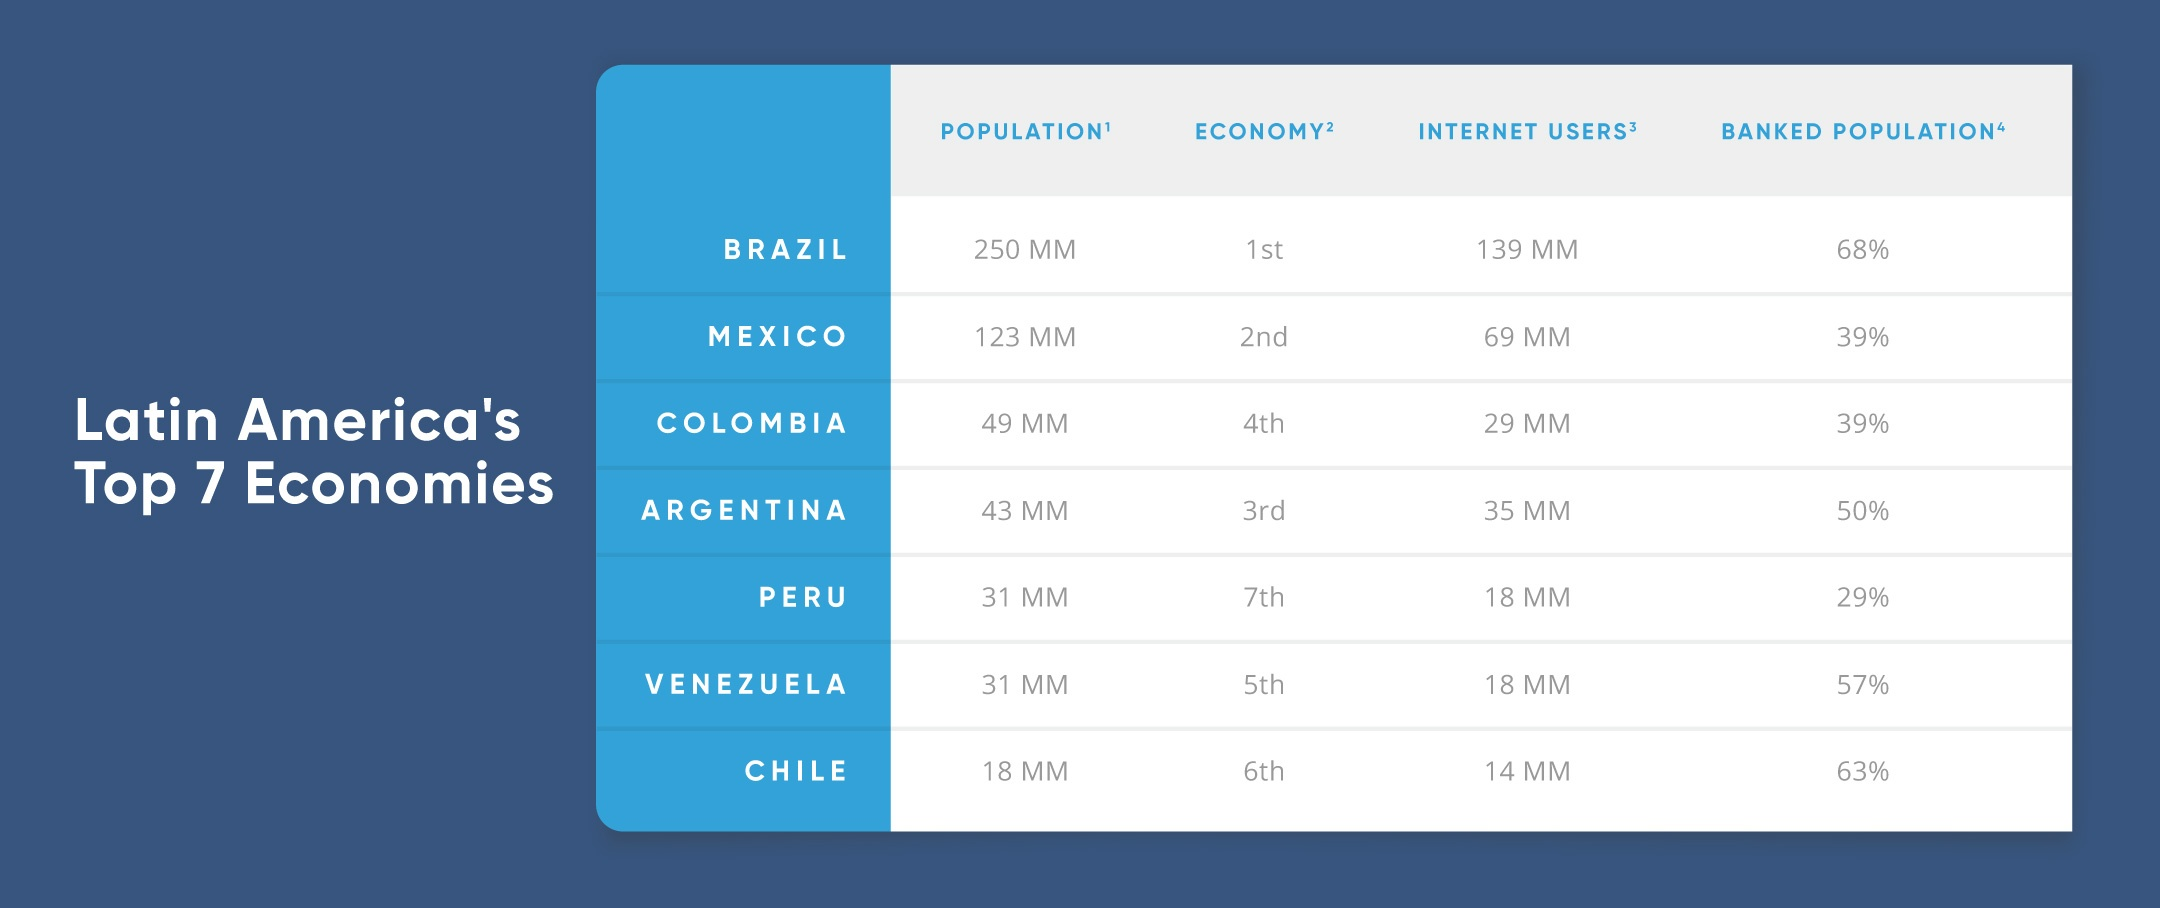 Top 7 Economies of Latin America